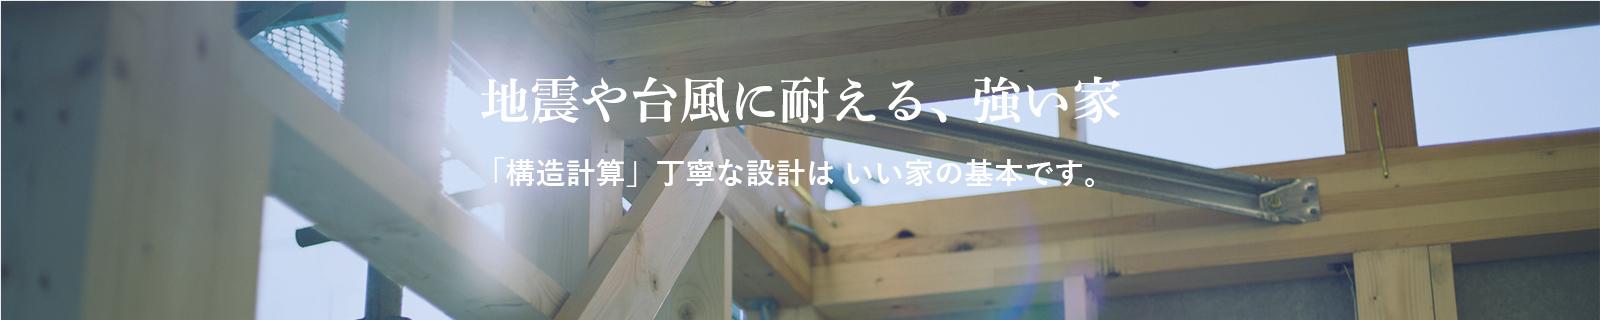 地震や台風に耐える、強い家。一棟一棟に必ず行う「耐震計算」。丁寧な設計はいい家の基本です。